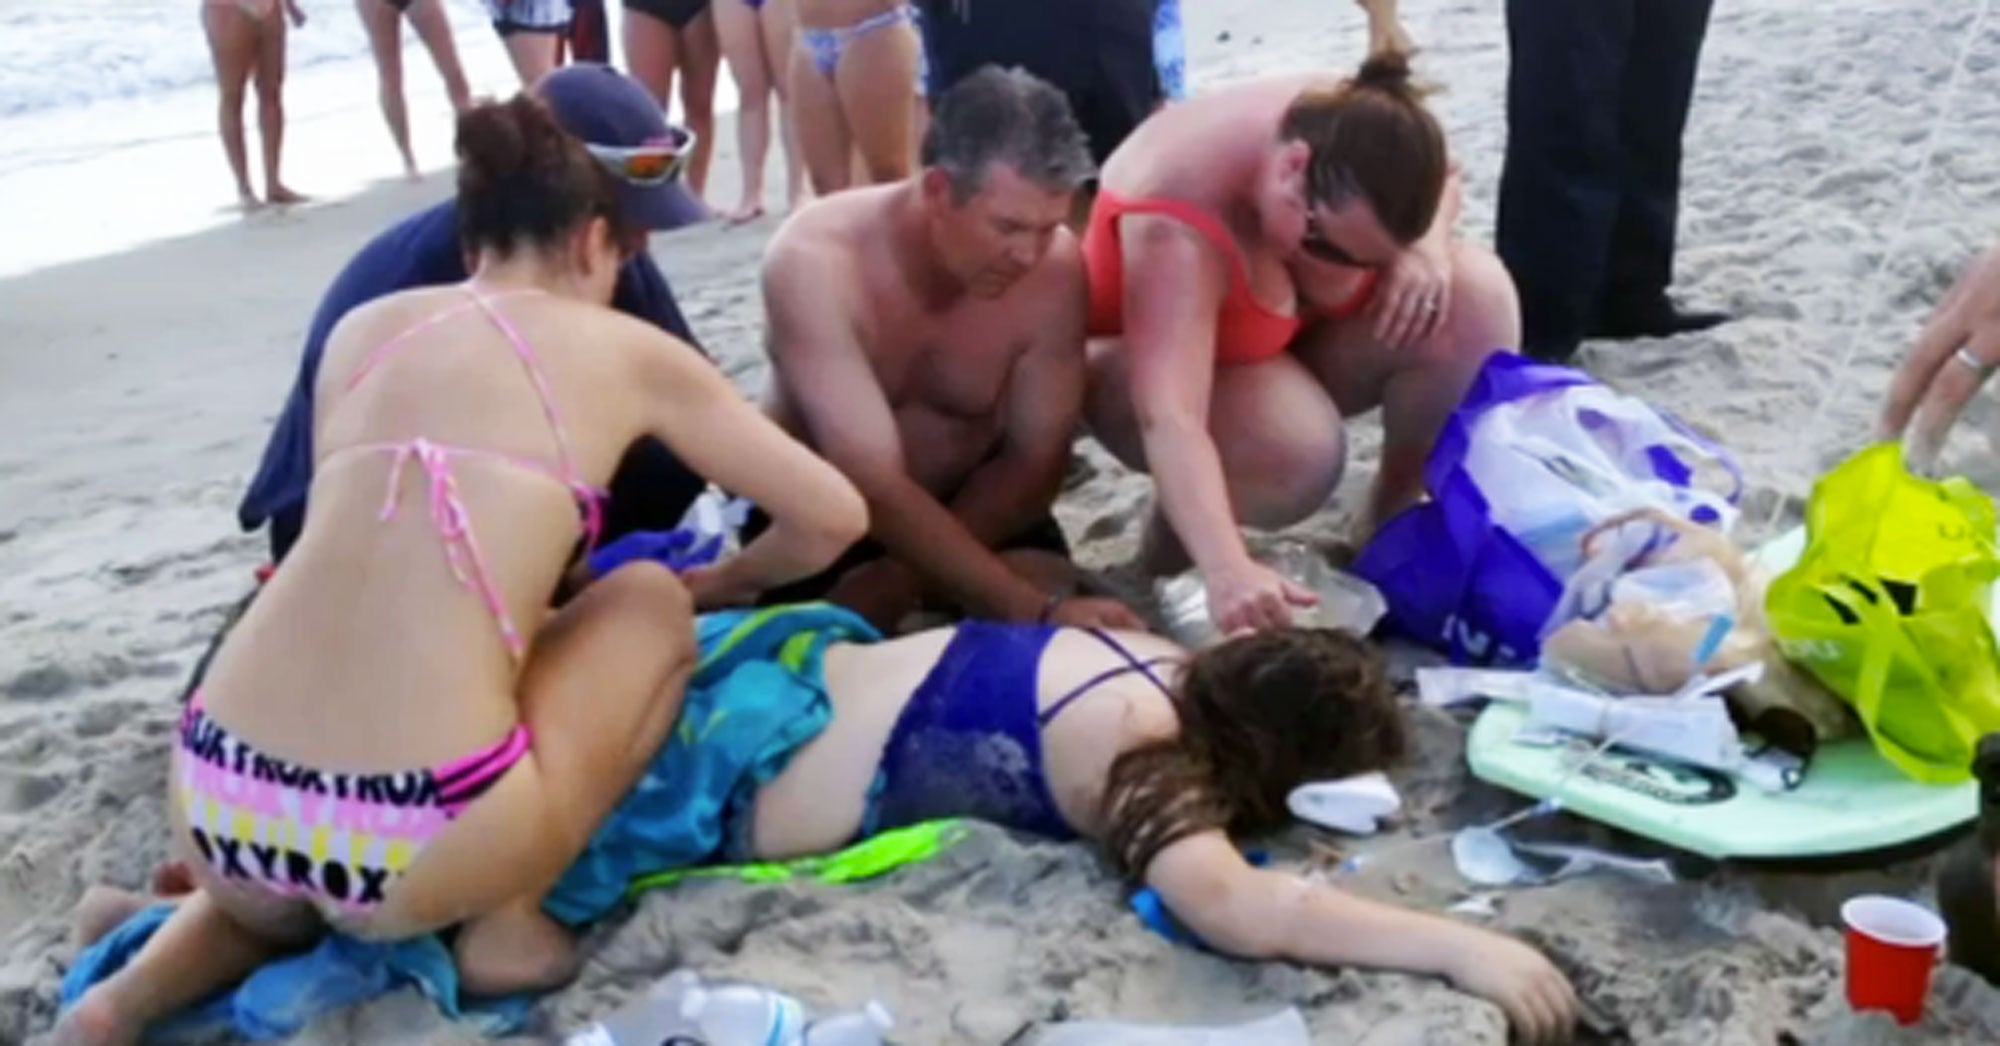 Two Shark Attacks in 90 Minutes at North Carolina Beach